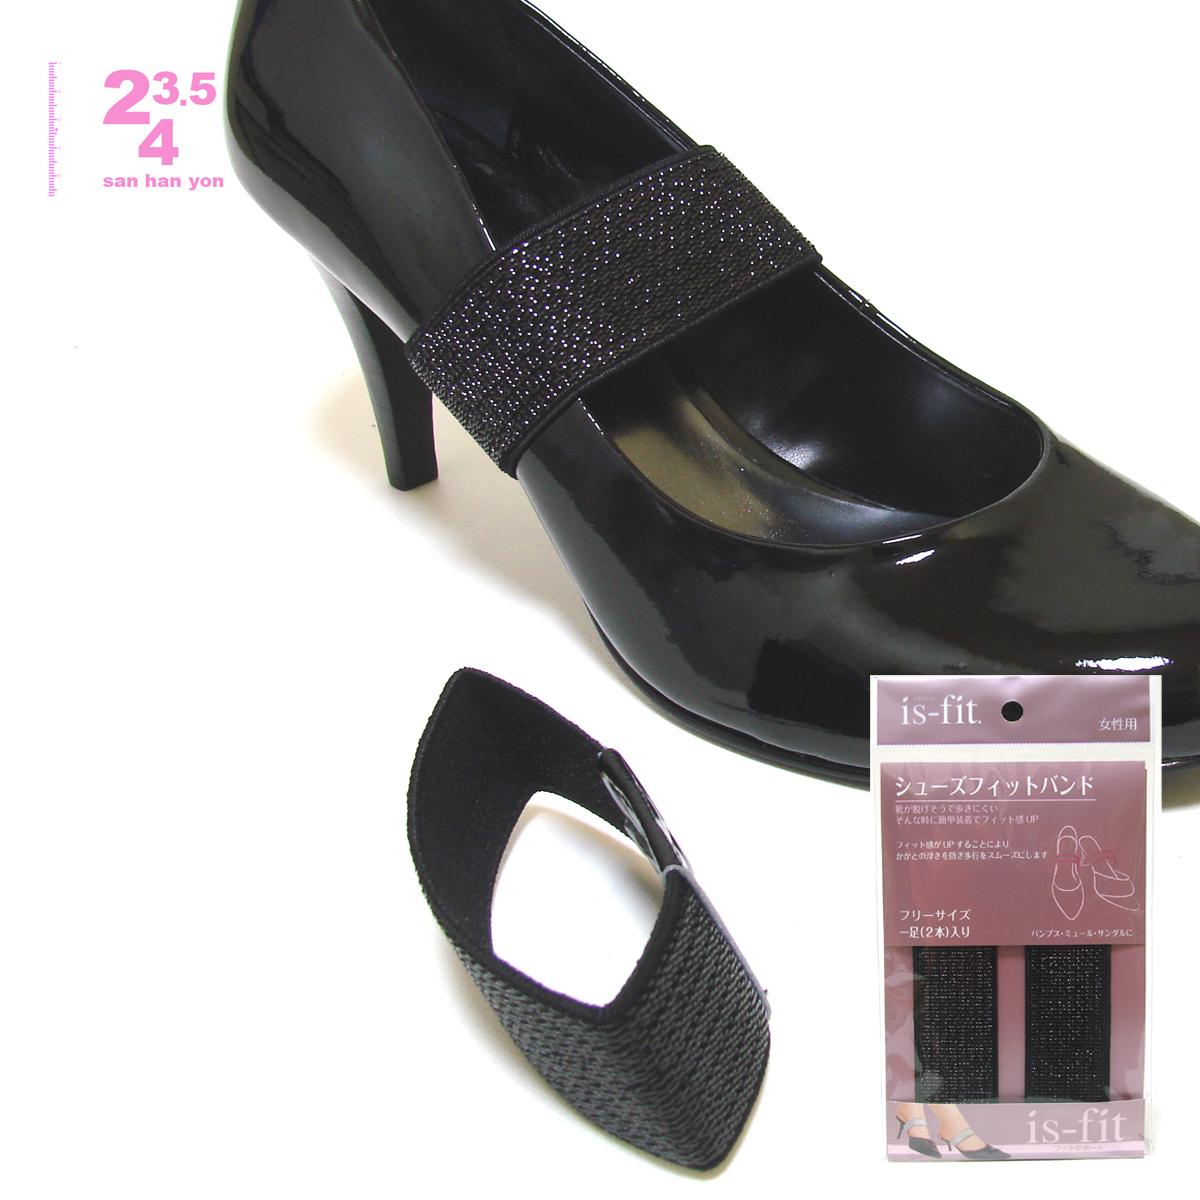 モリト MORITO is,fit シューズフィットバンド 靴用・パンプス用ゴムバンド  黒ラメ・女性用・フリーサイズ靴のかかと抜け・かかと浮き防止メール便(クリックポスト)送料185円 |san han yon 楽天市場支店